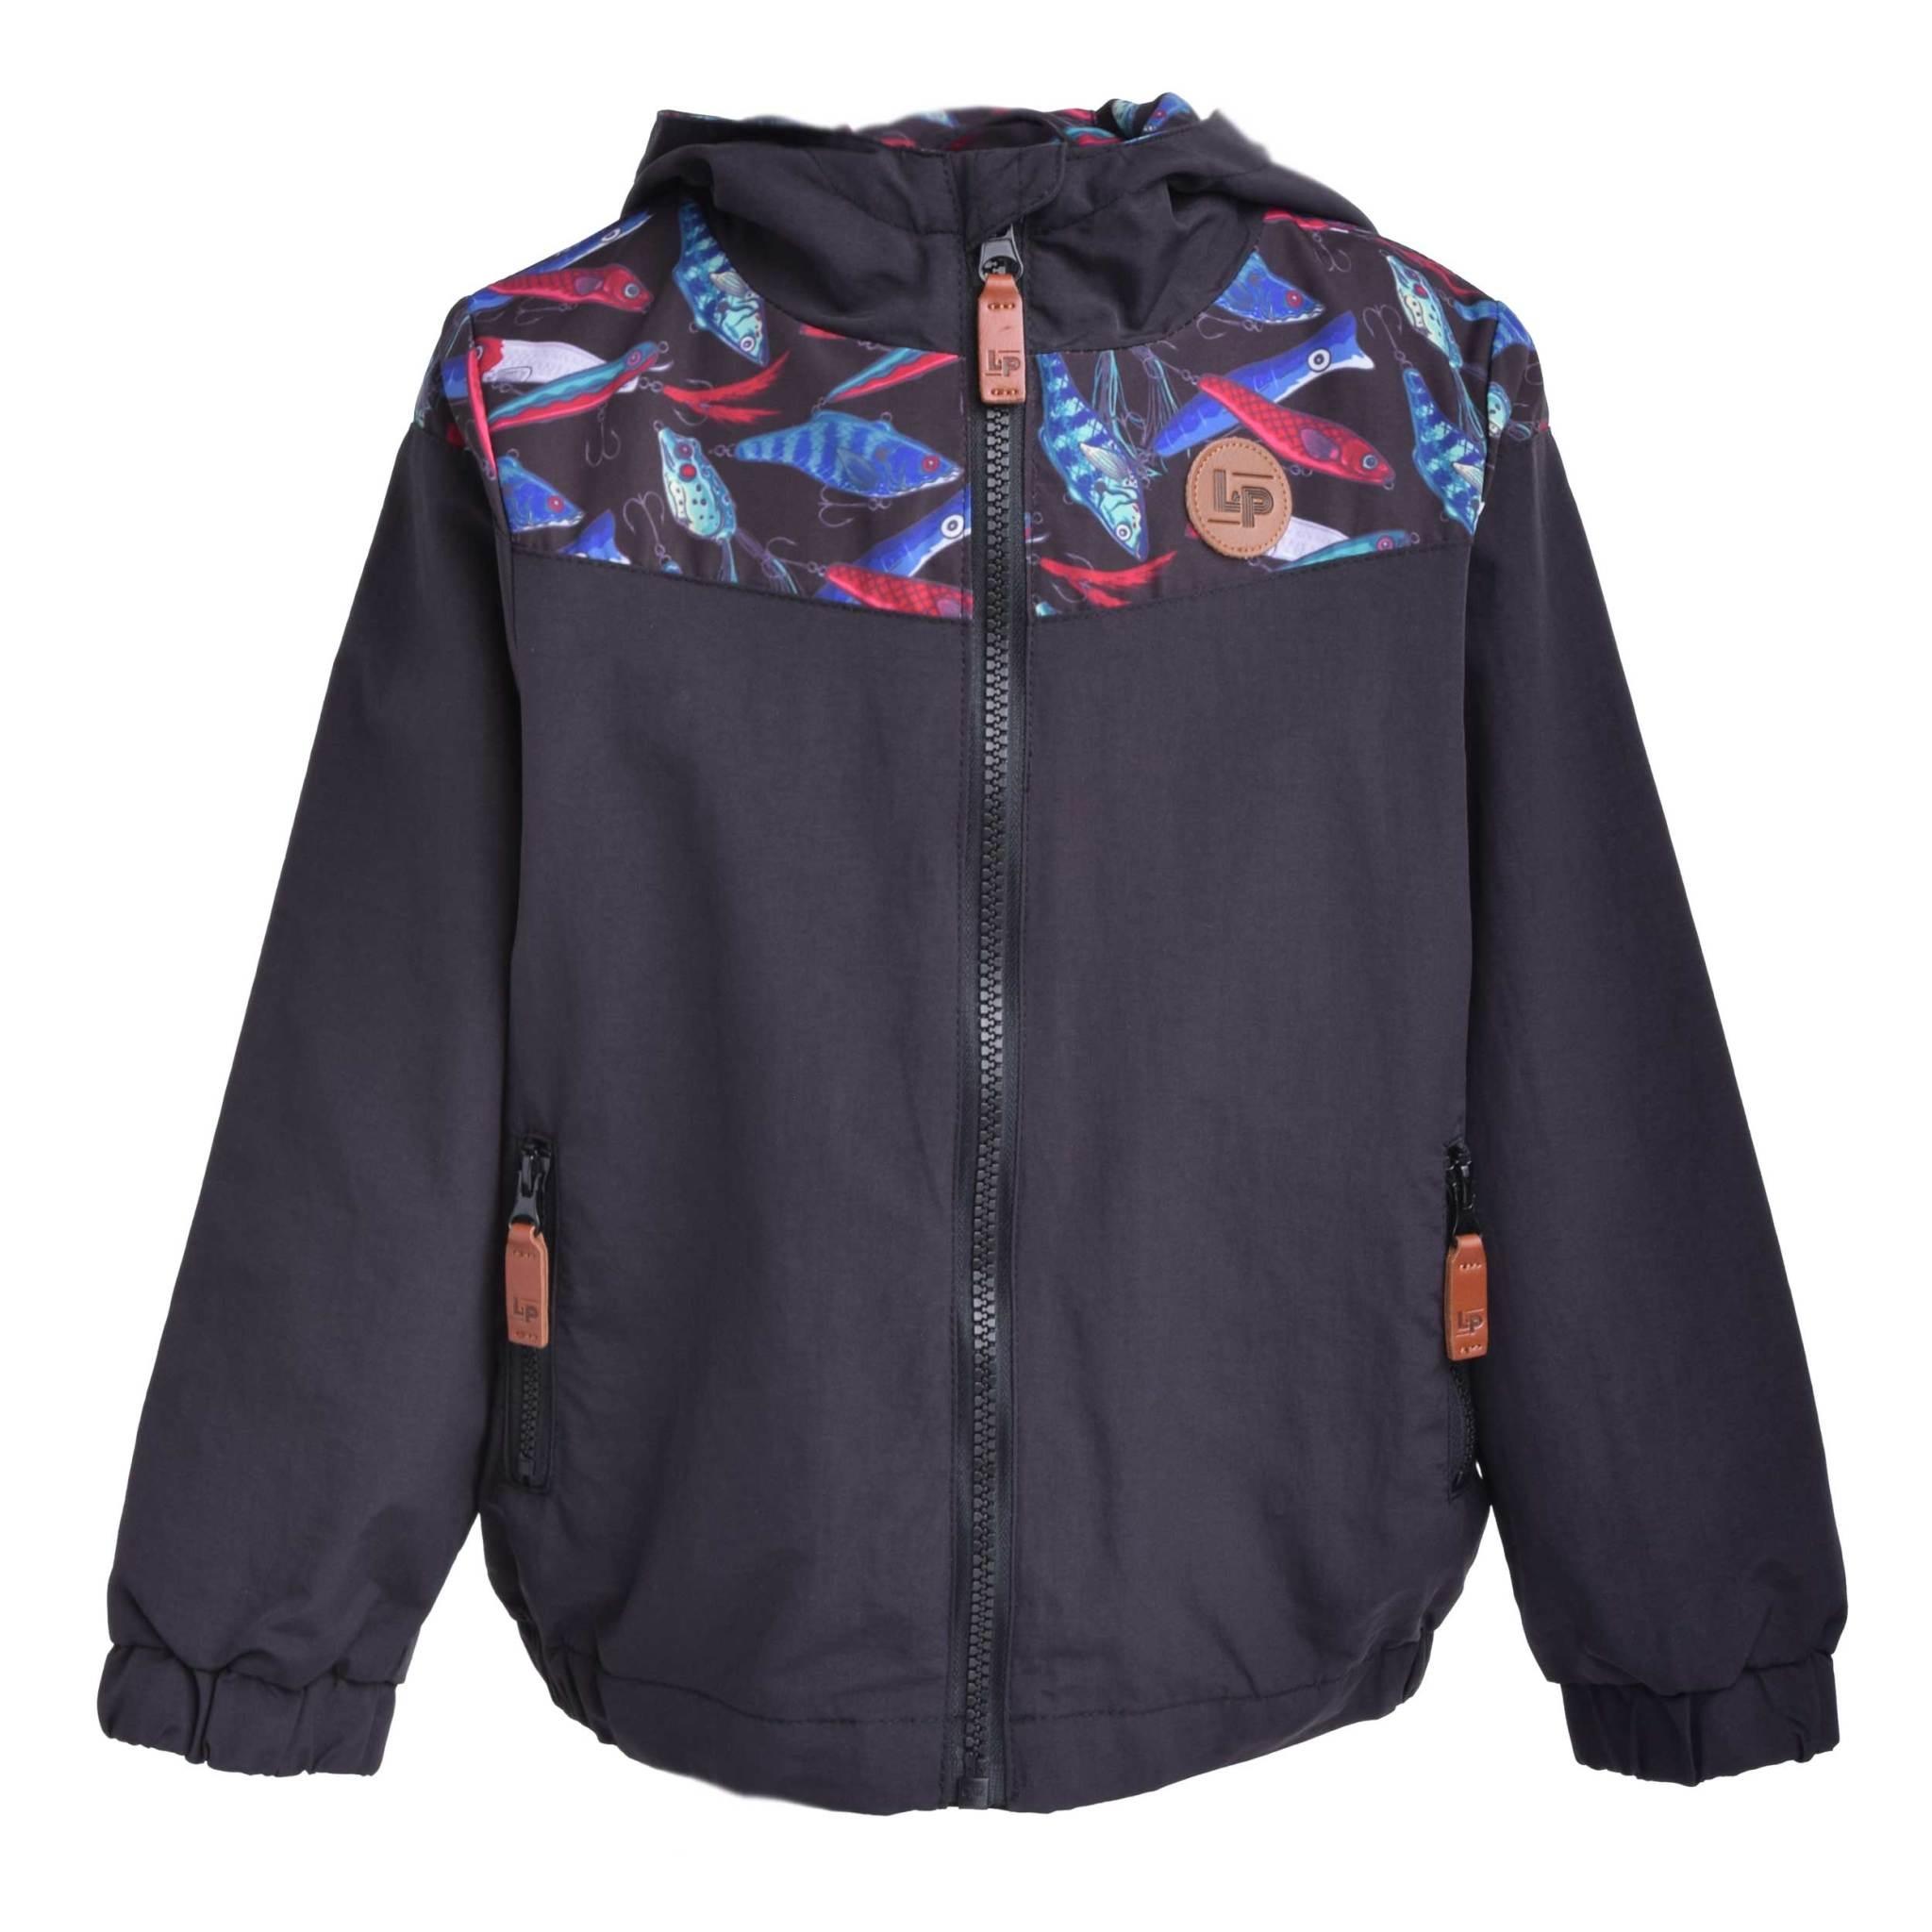 Manteau d'extérieur mi-saison FISH 2.0-1